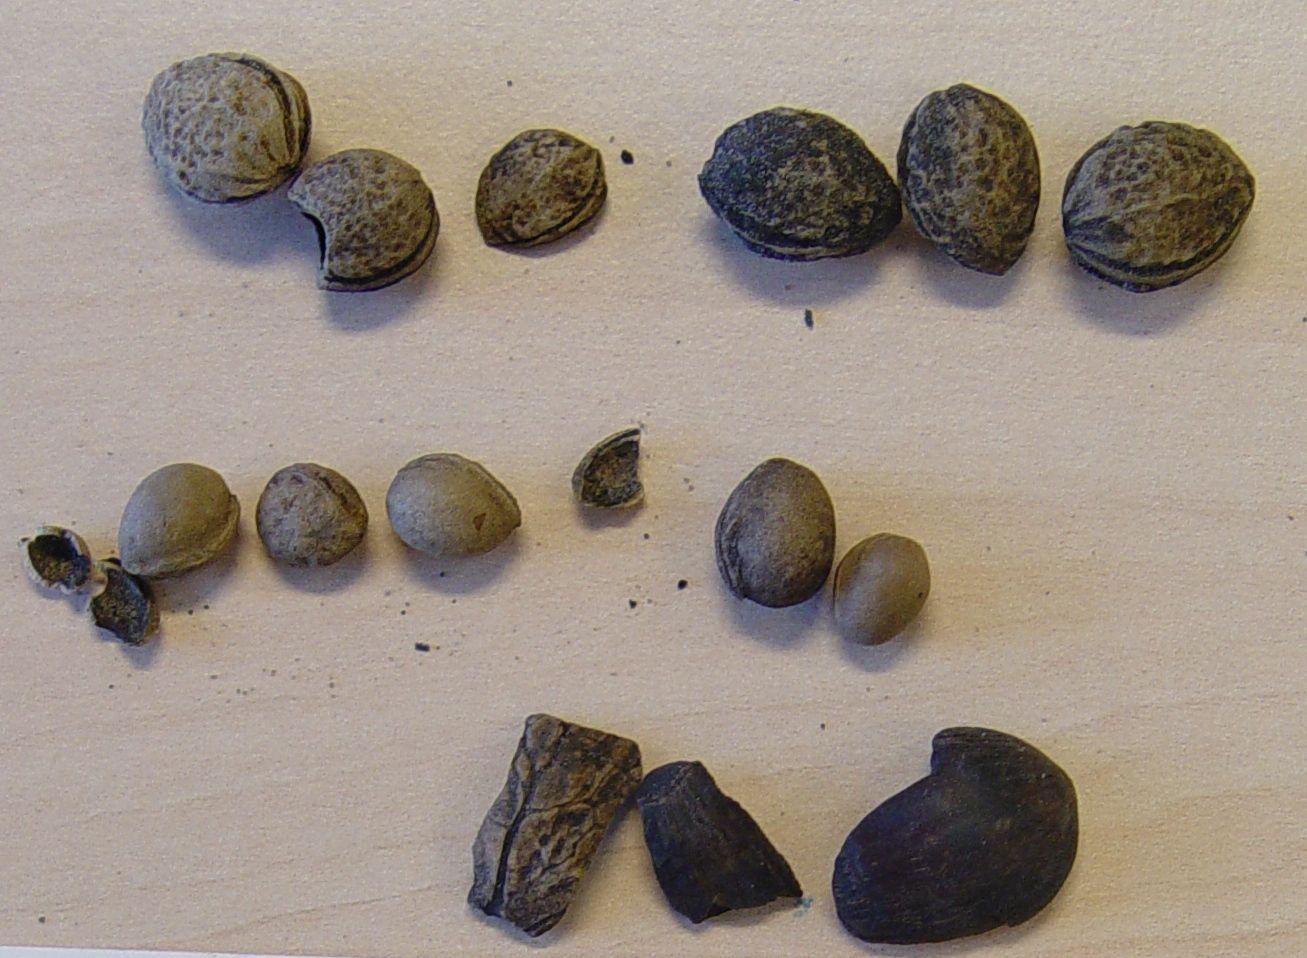 Romeinse pitten en schalen uit de Zuidpoortstraat, Aardenburg. Boven kriekenpitten, onder zoete-kersenpitten. Onderaan links fragment walnootschaal, rechts hazelnootschalen (SOB Research).